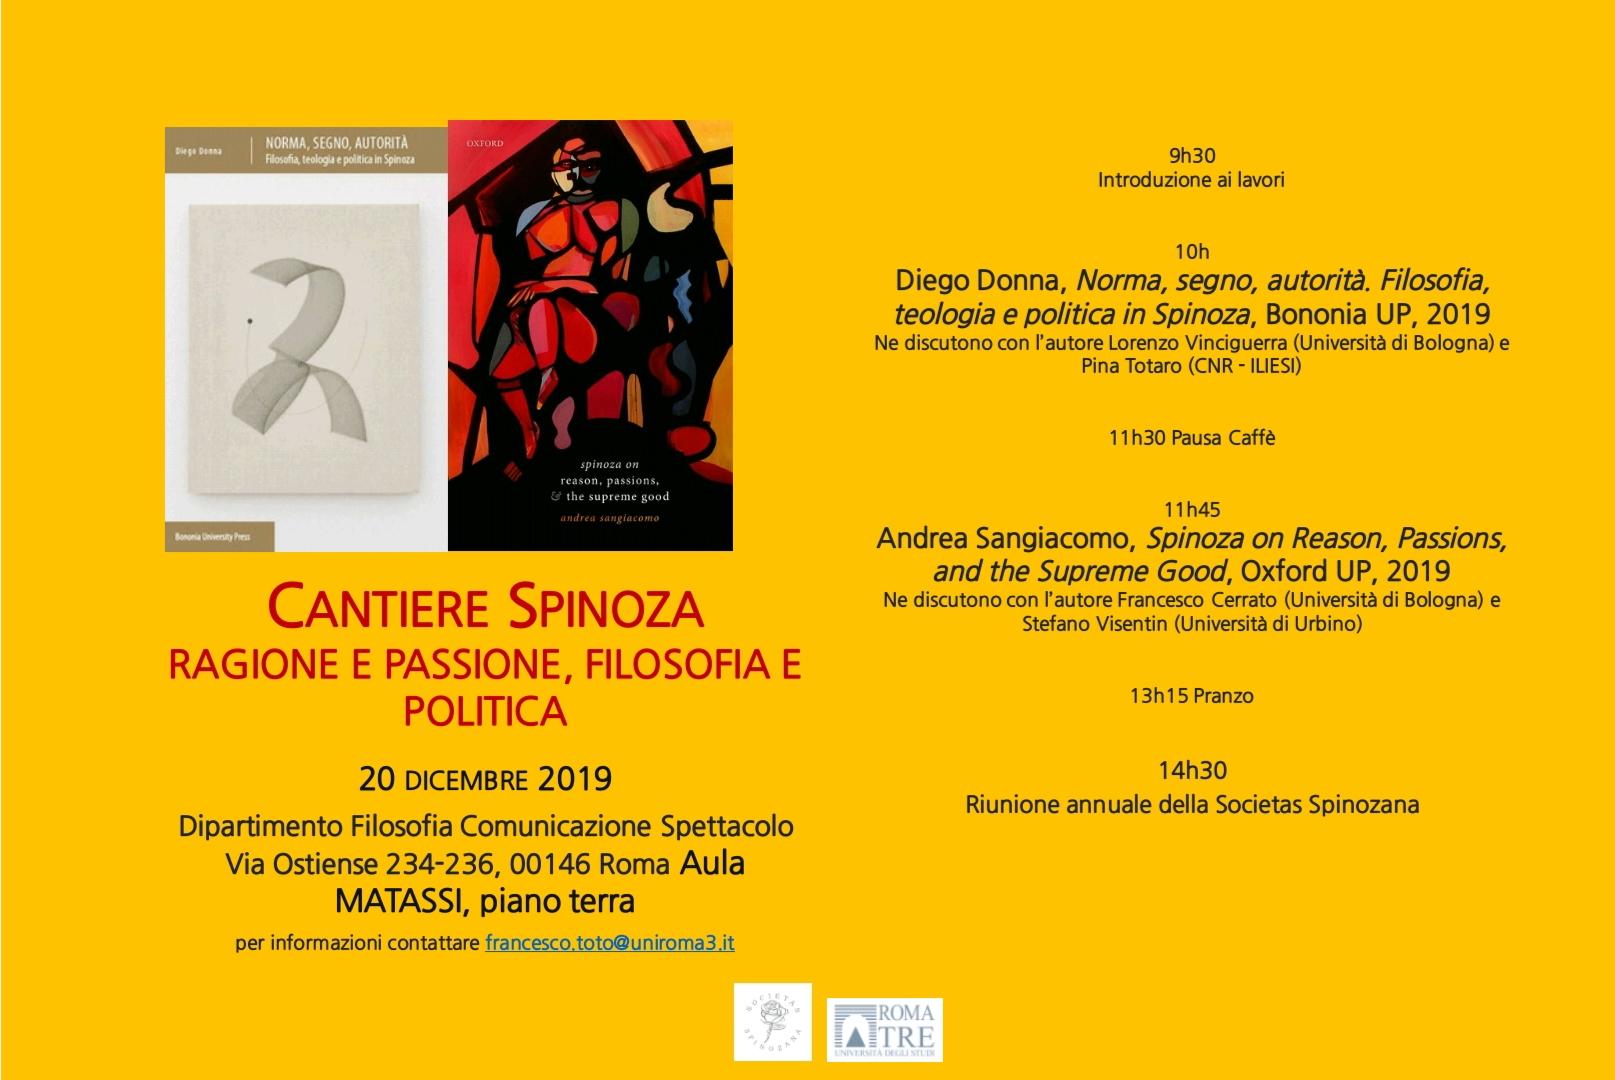 Seconda riunione annuale della Societas Spinozana